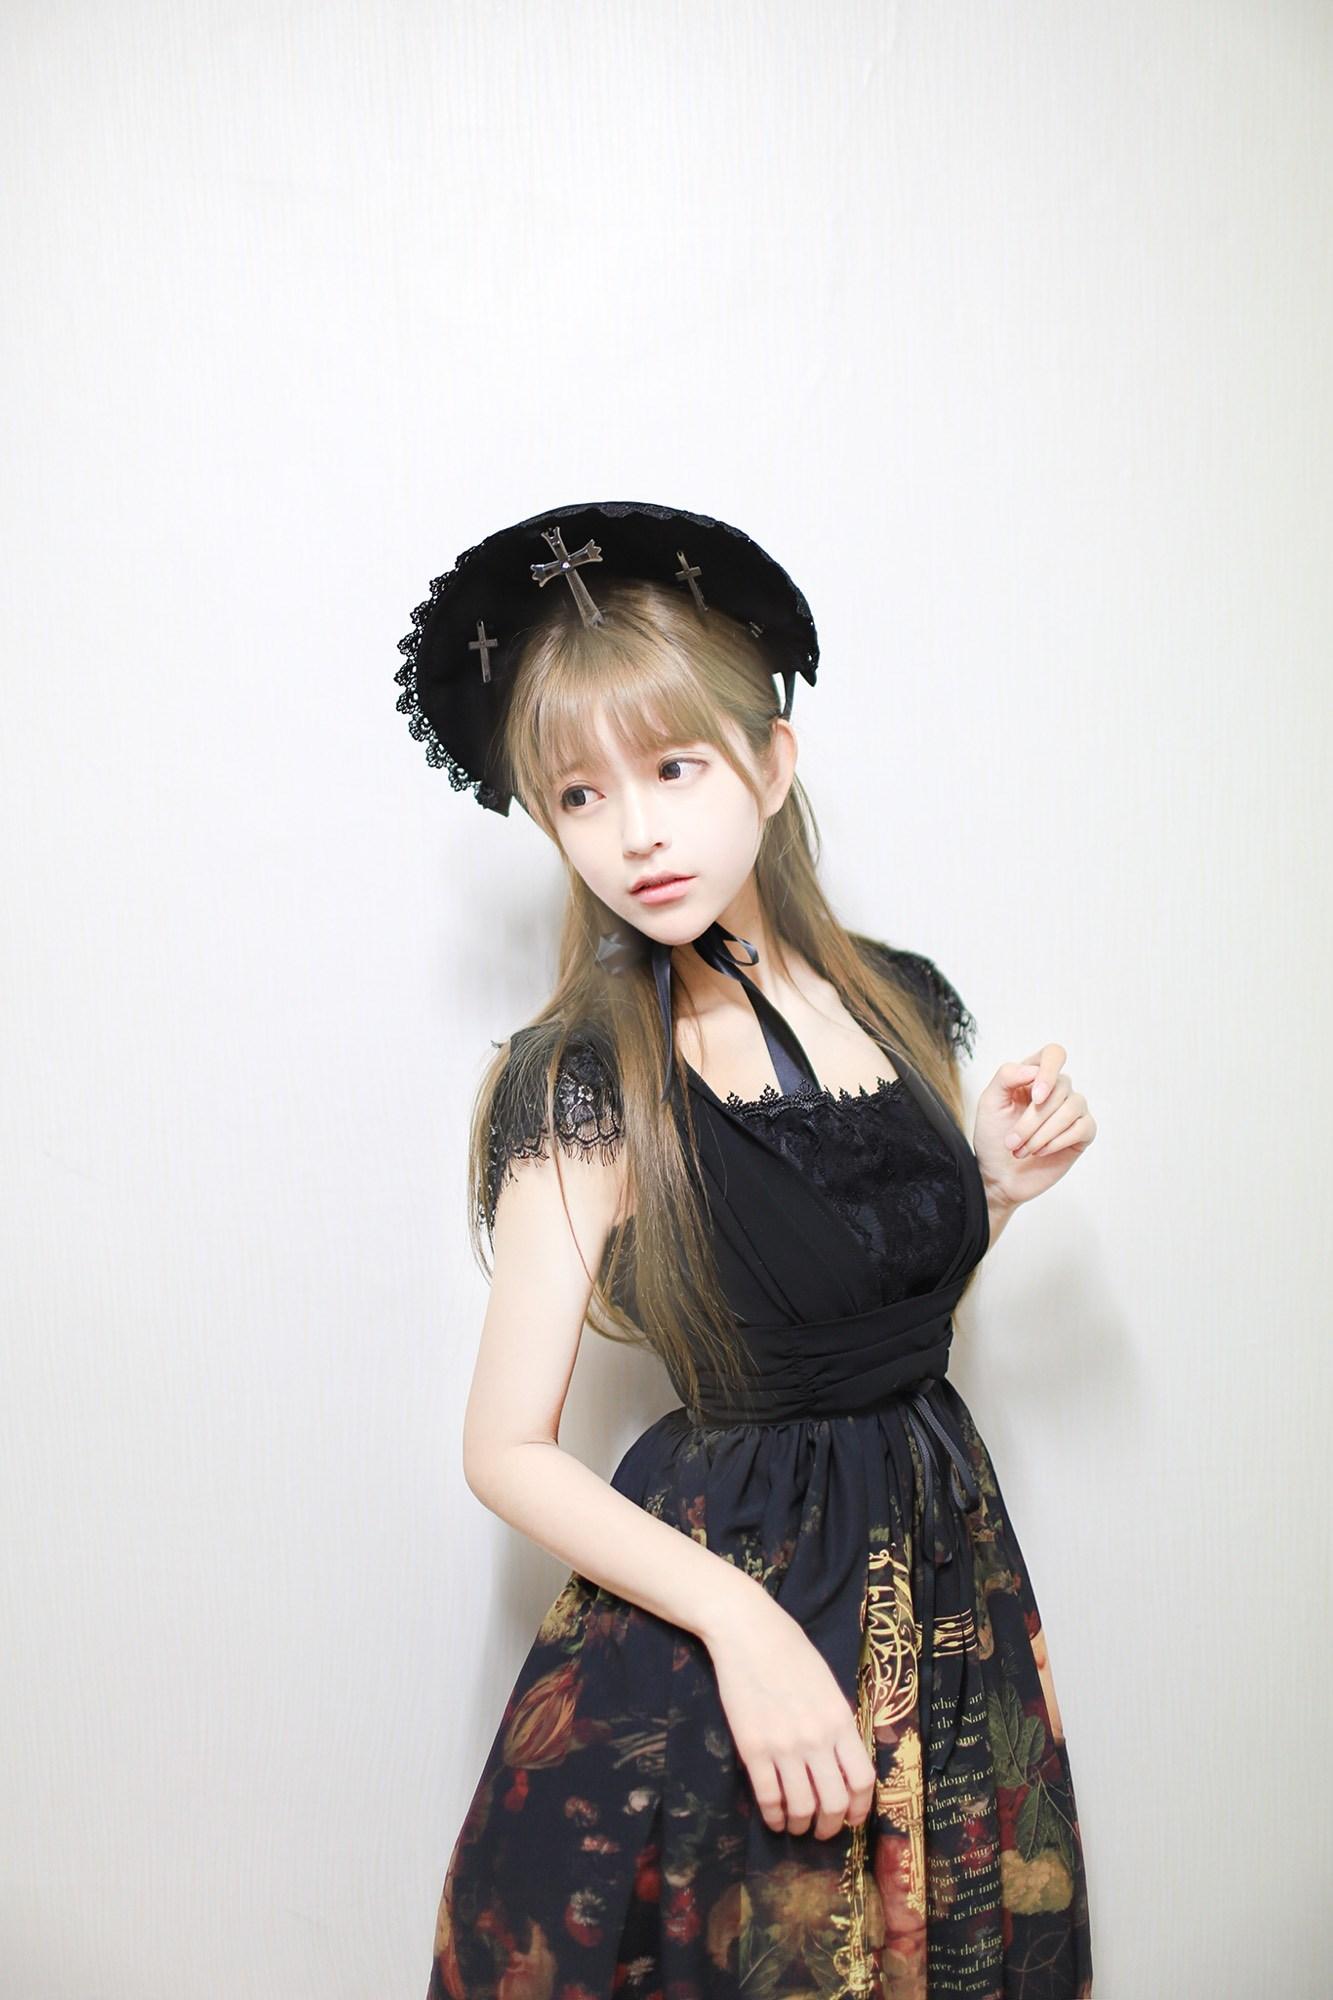 【兔玩映画】Yurisa 兔玩映画 第101张